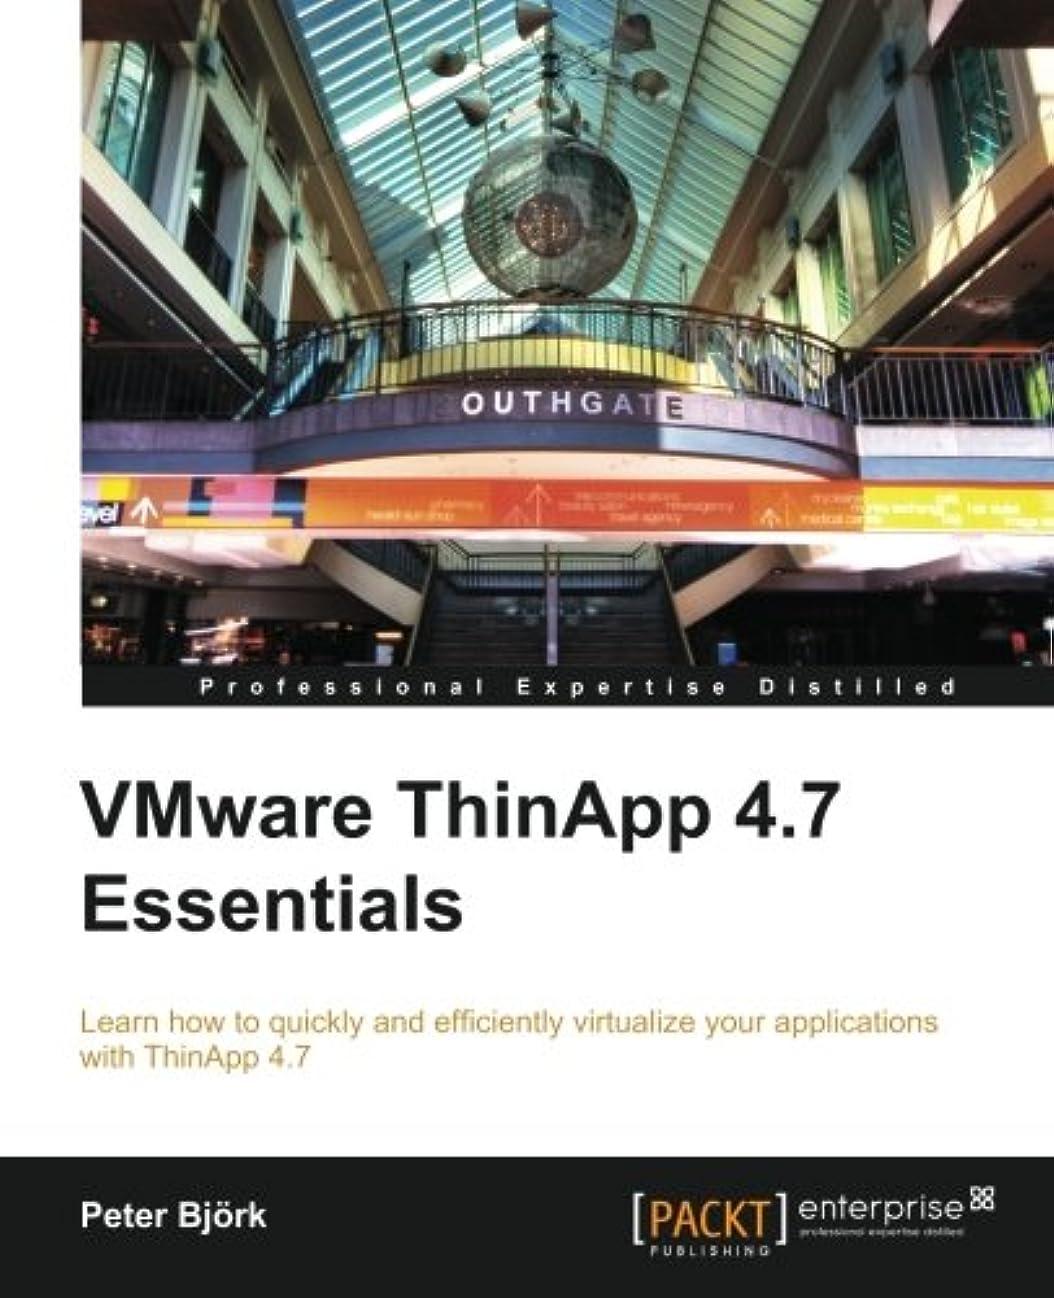 竜巻拡声器嬉しいですVMware ThinAPP 4.7 Essentials: Learn How to Quickly and Efficiently Virtualize Your Applications With ThinAPP 4.7